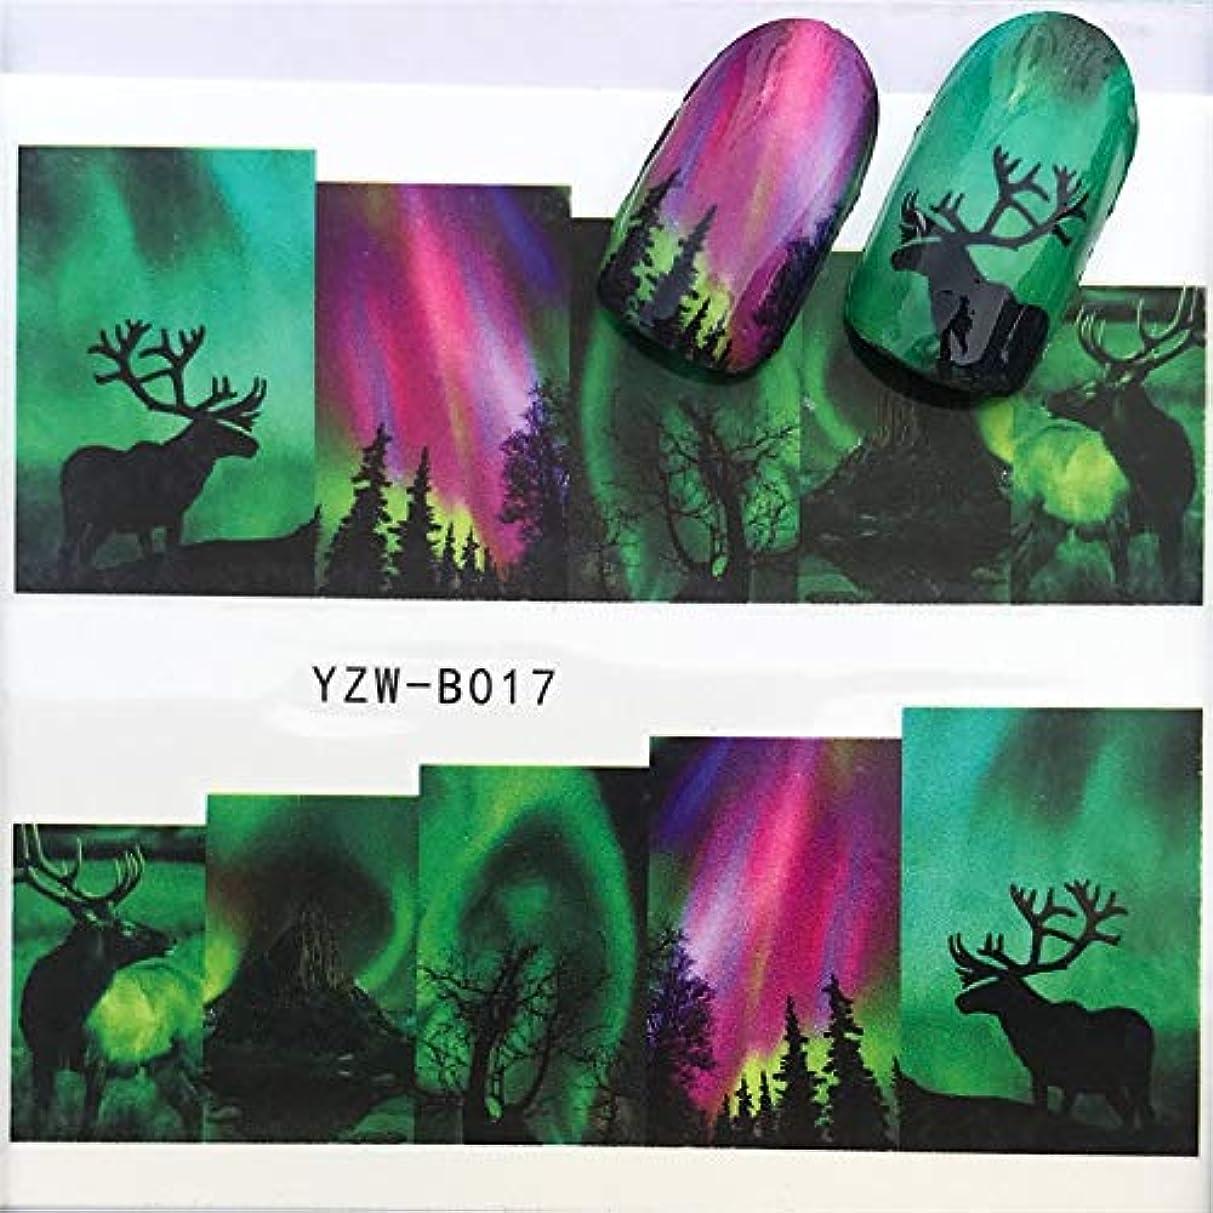 マイコン腐敗した一族手足ビューティーケア 3個ネイルステッカーセットデカール水転写スライダーネイルアートデコレーション、色:YZWB017